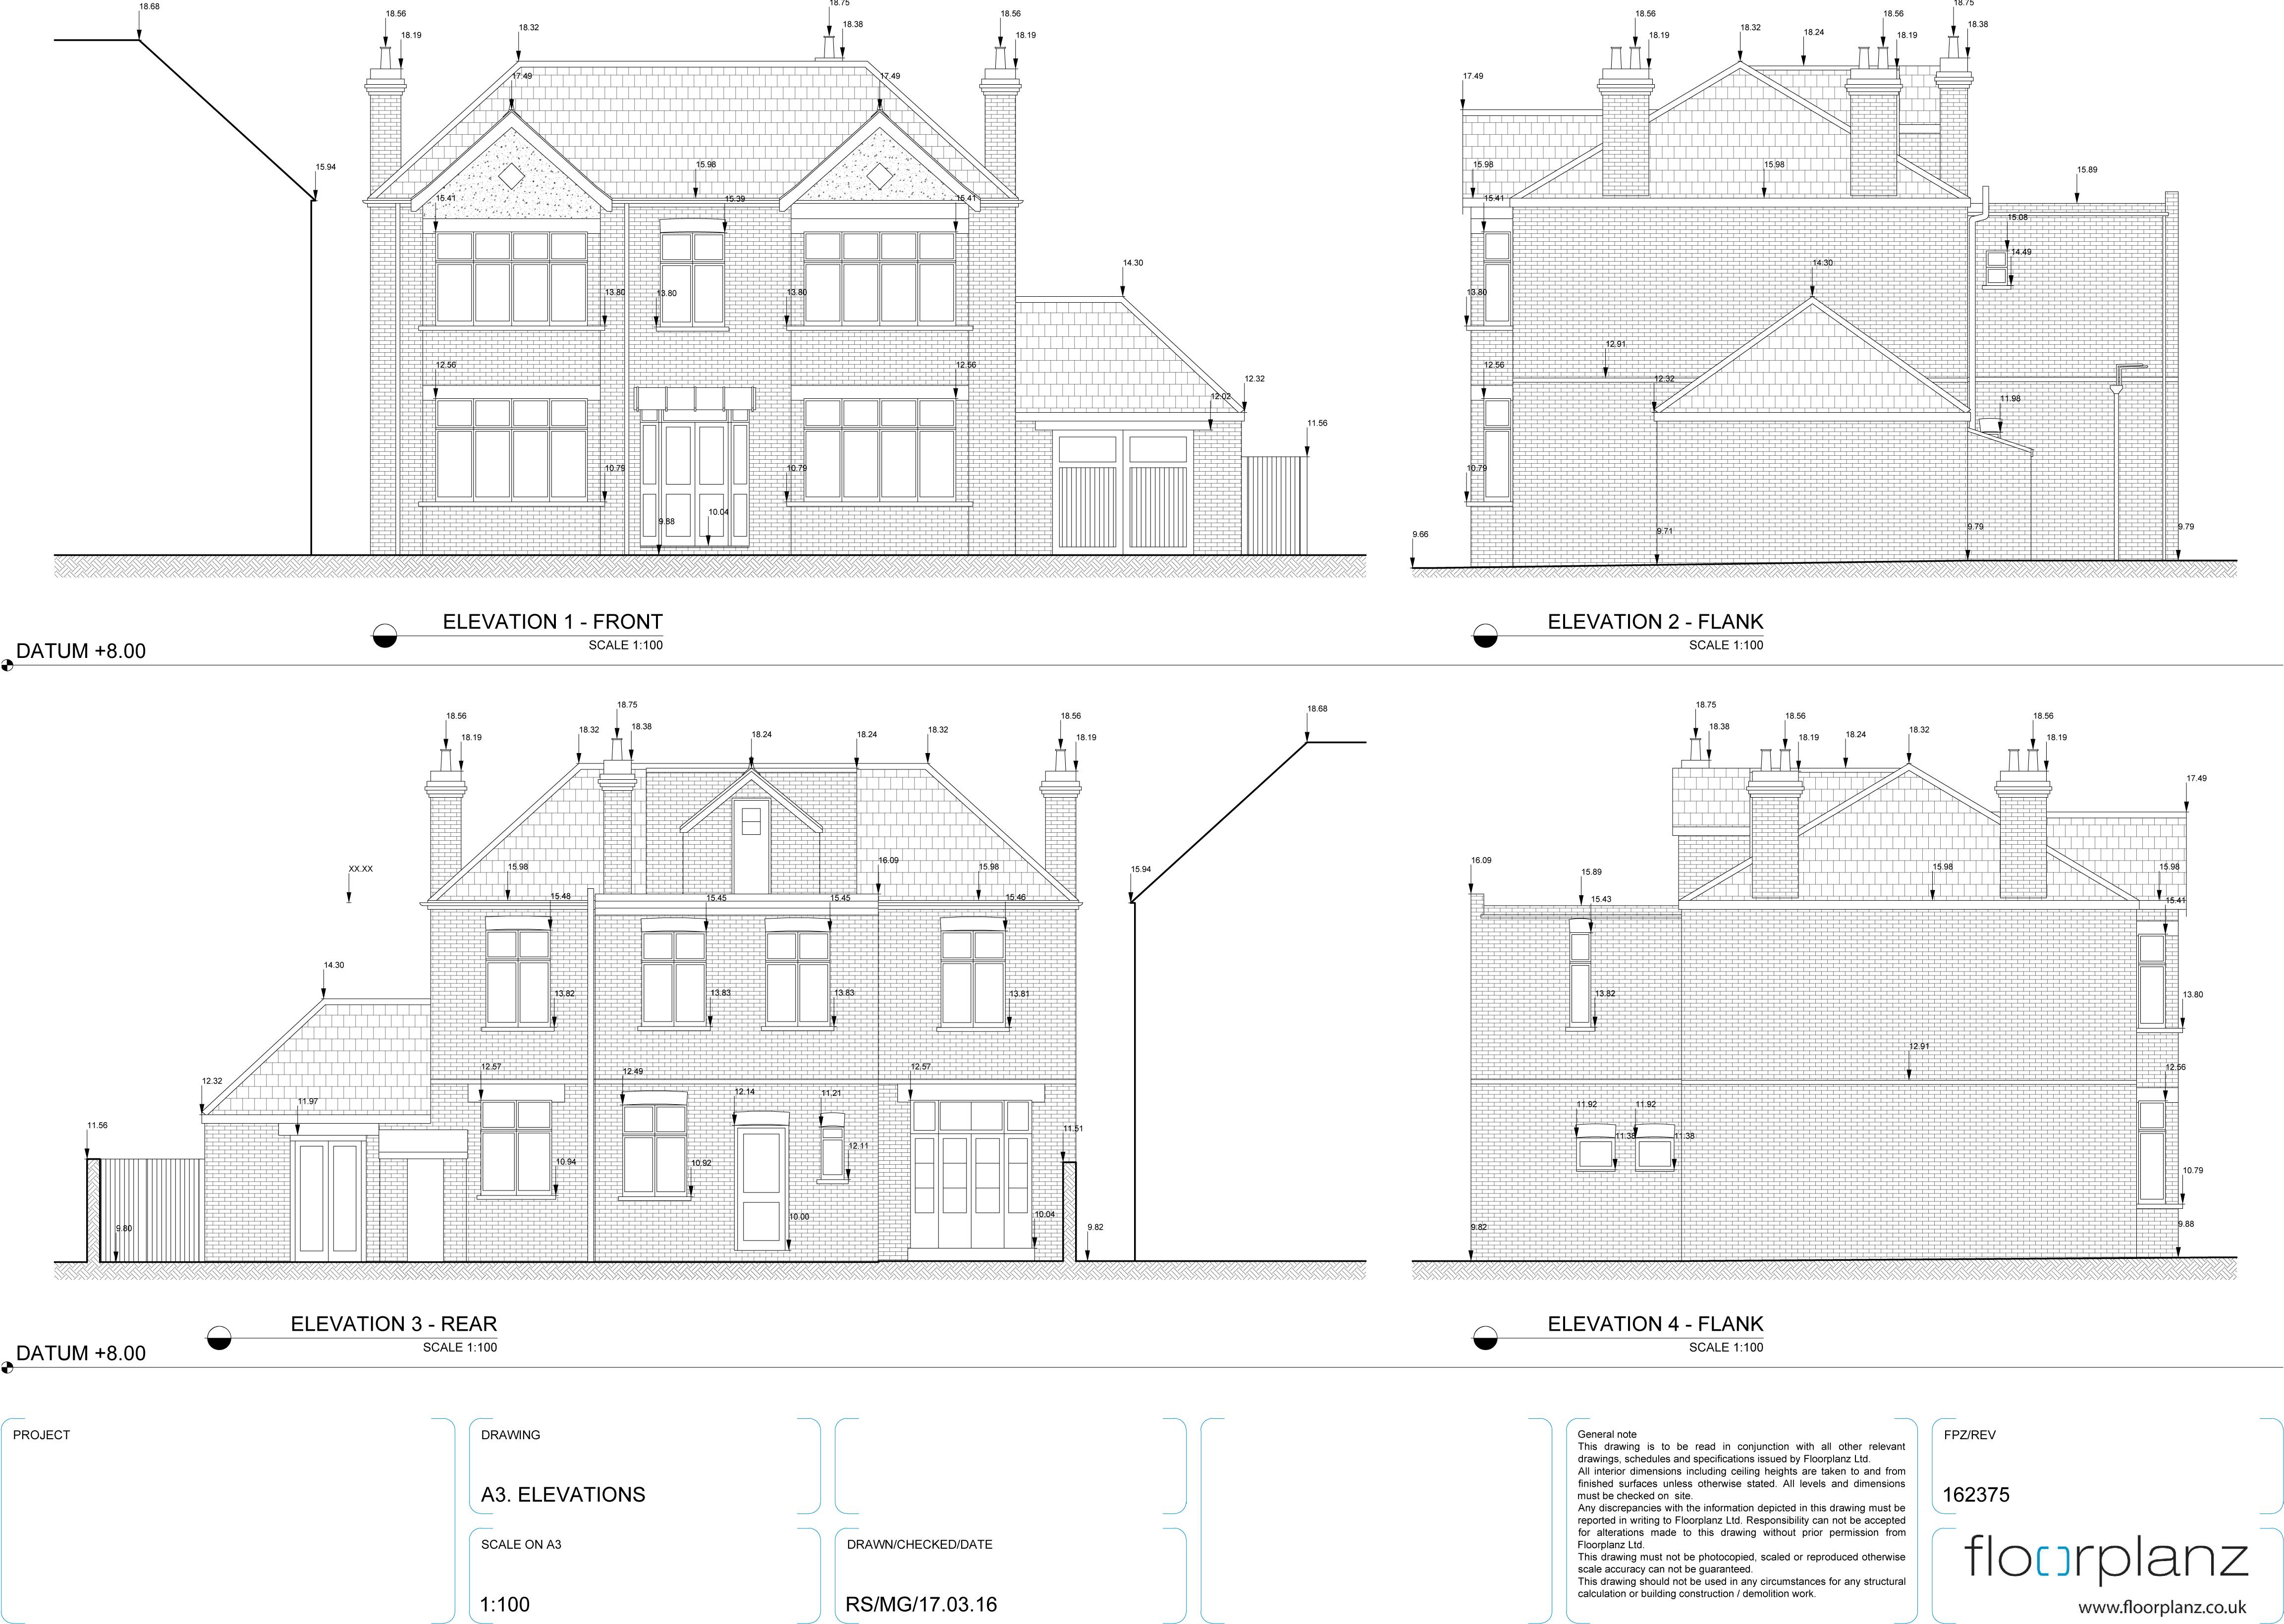 Measured Building Surveys Topographical Surveys - Elevation measurement